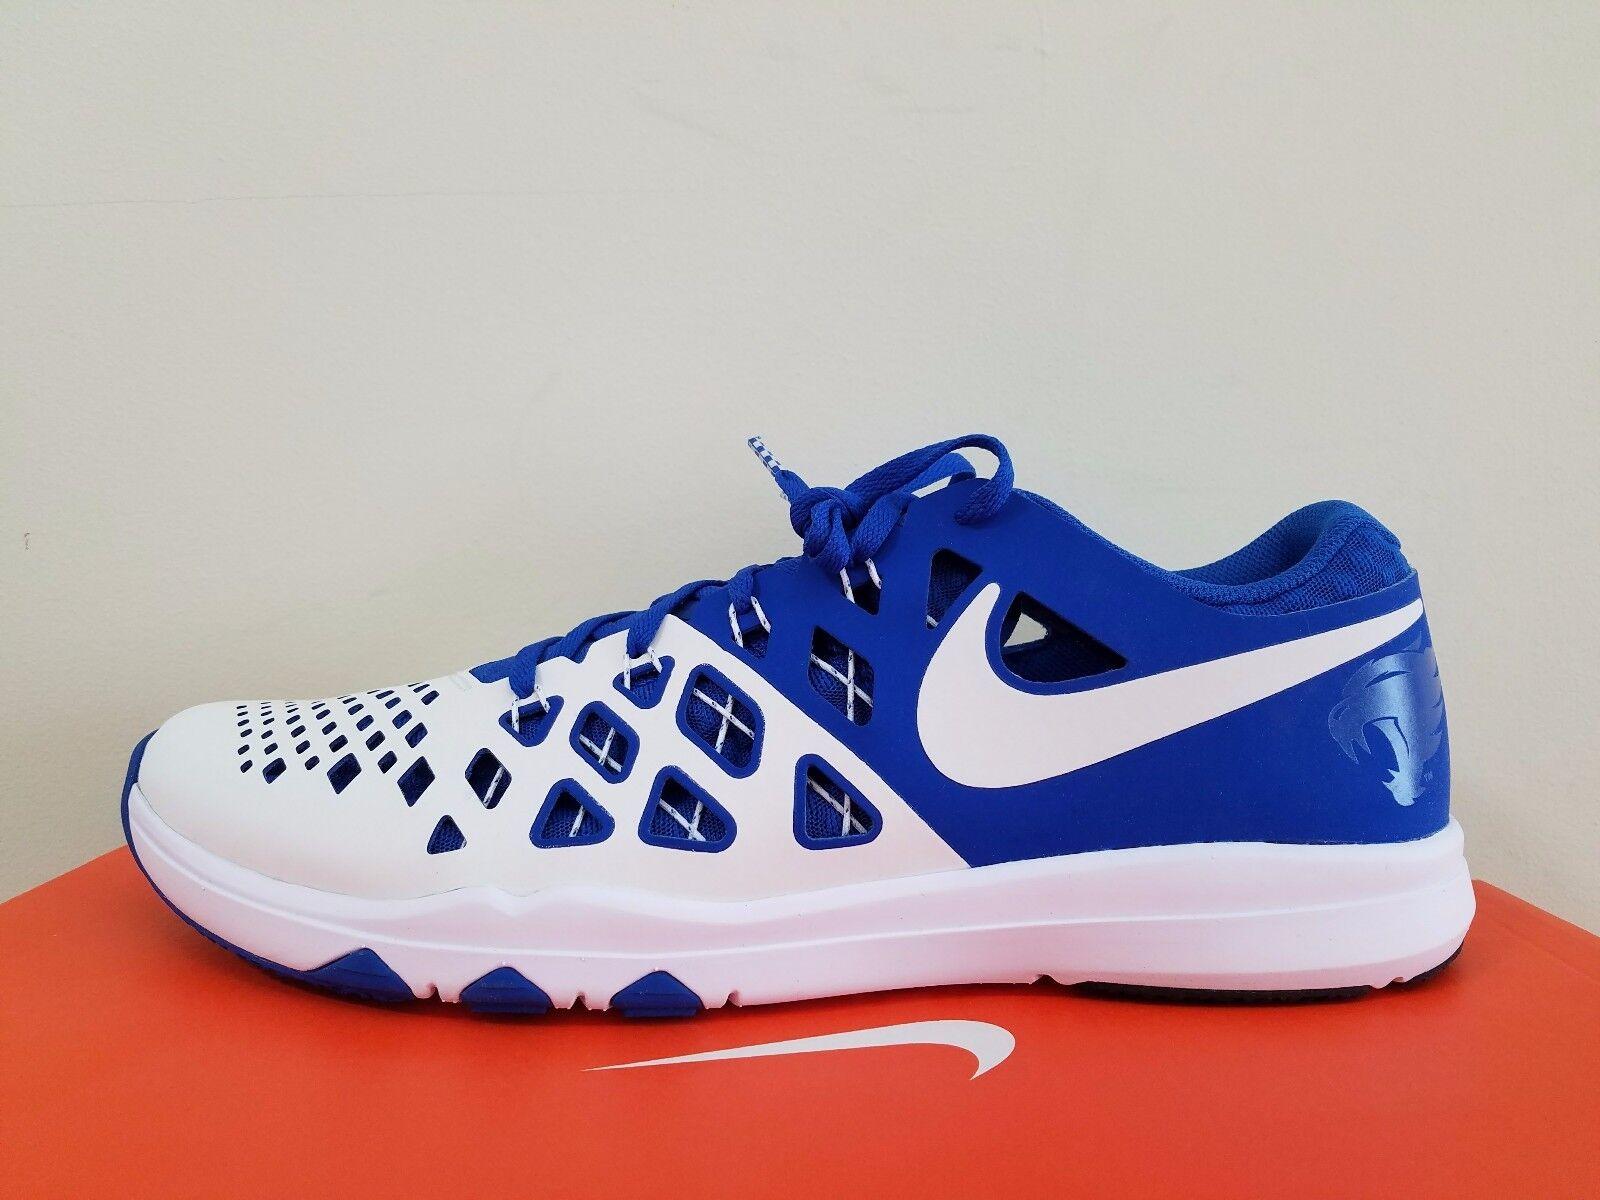 Nike uomini treno velocit 10 4 corri scarpe taglia 10 velocit pennino c337c0